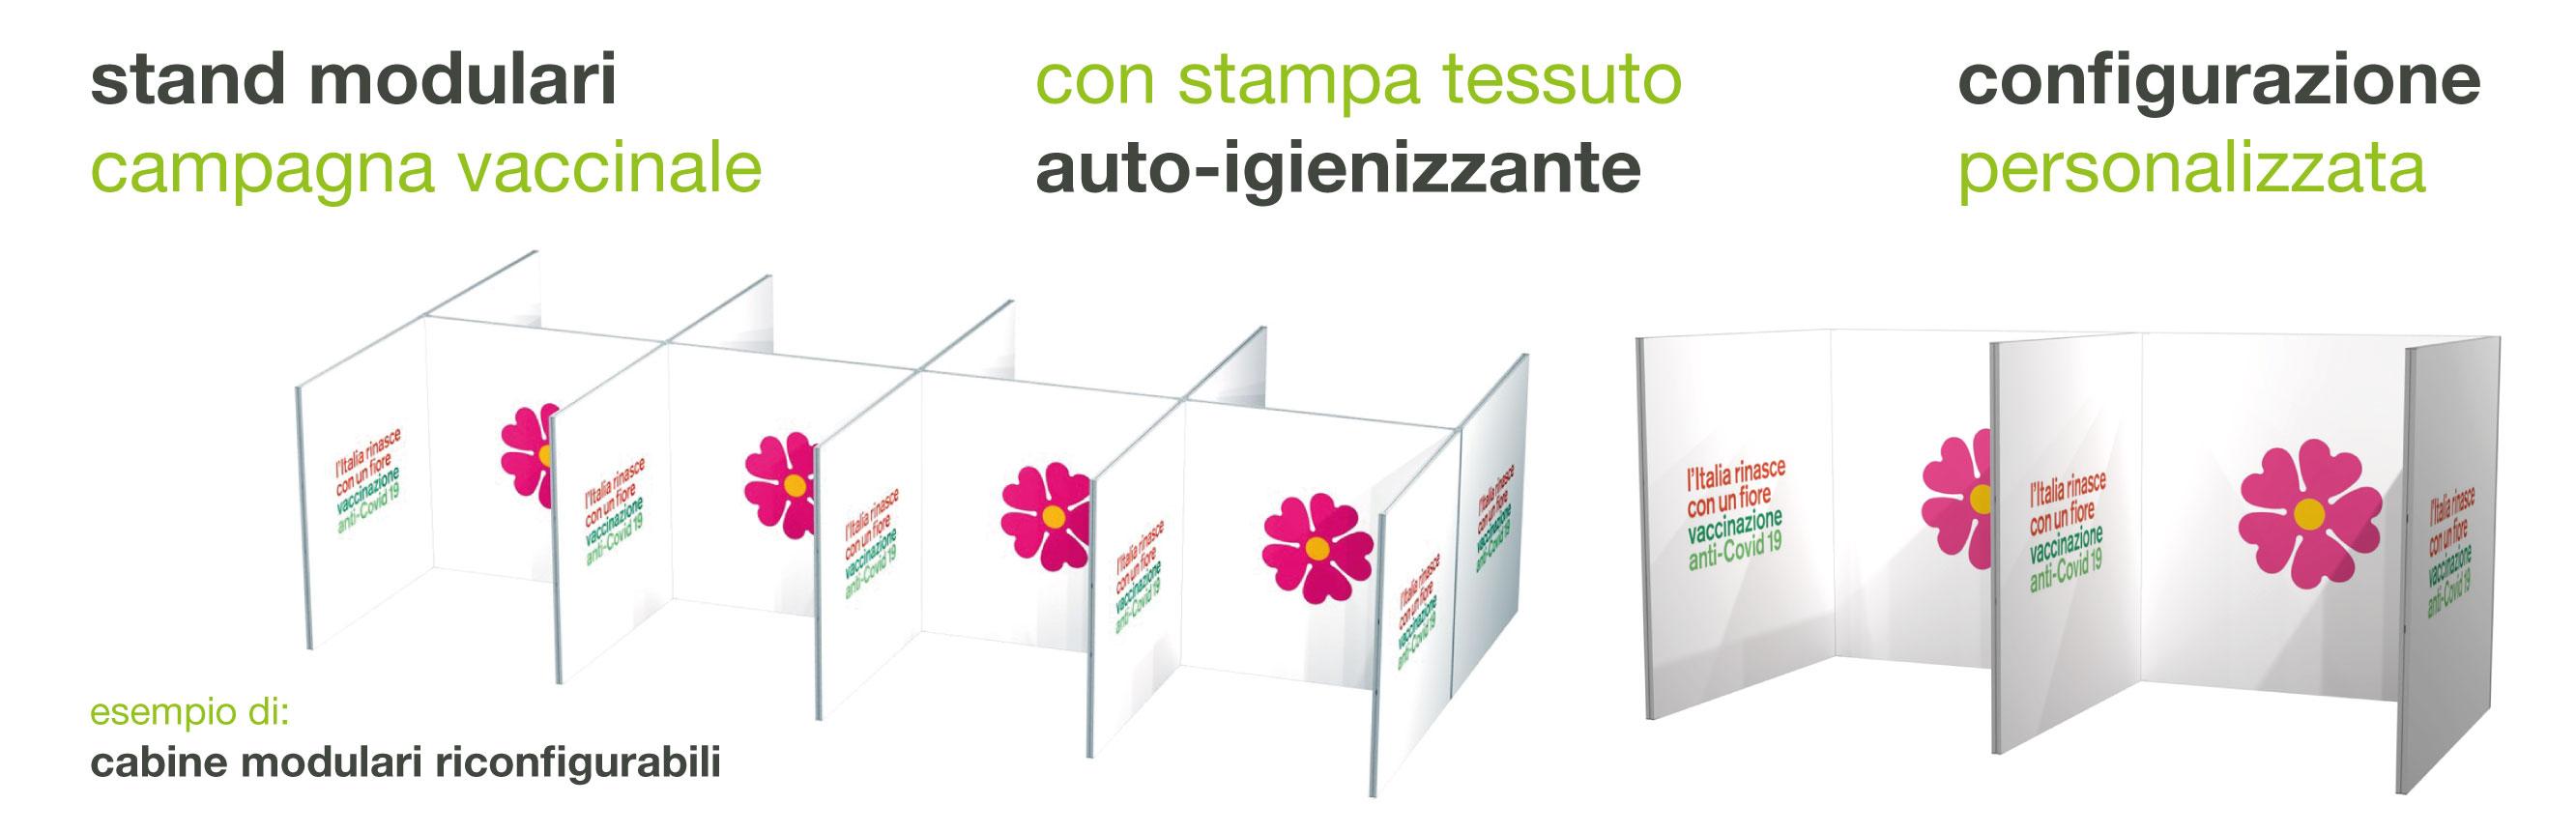 stand modulari con stampa auto igienizzante